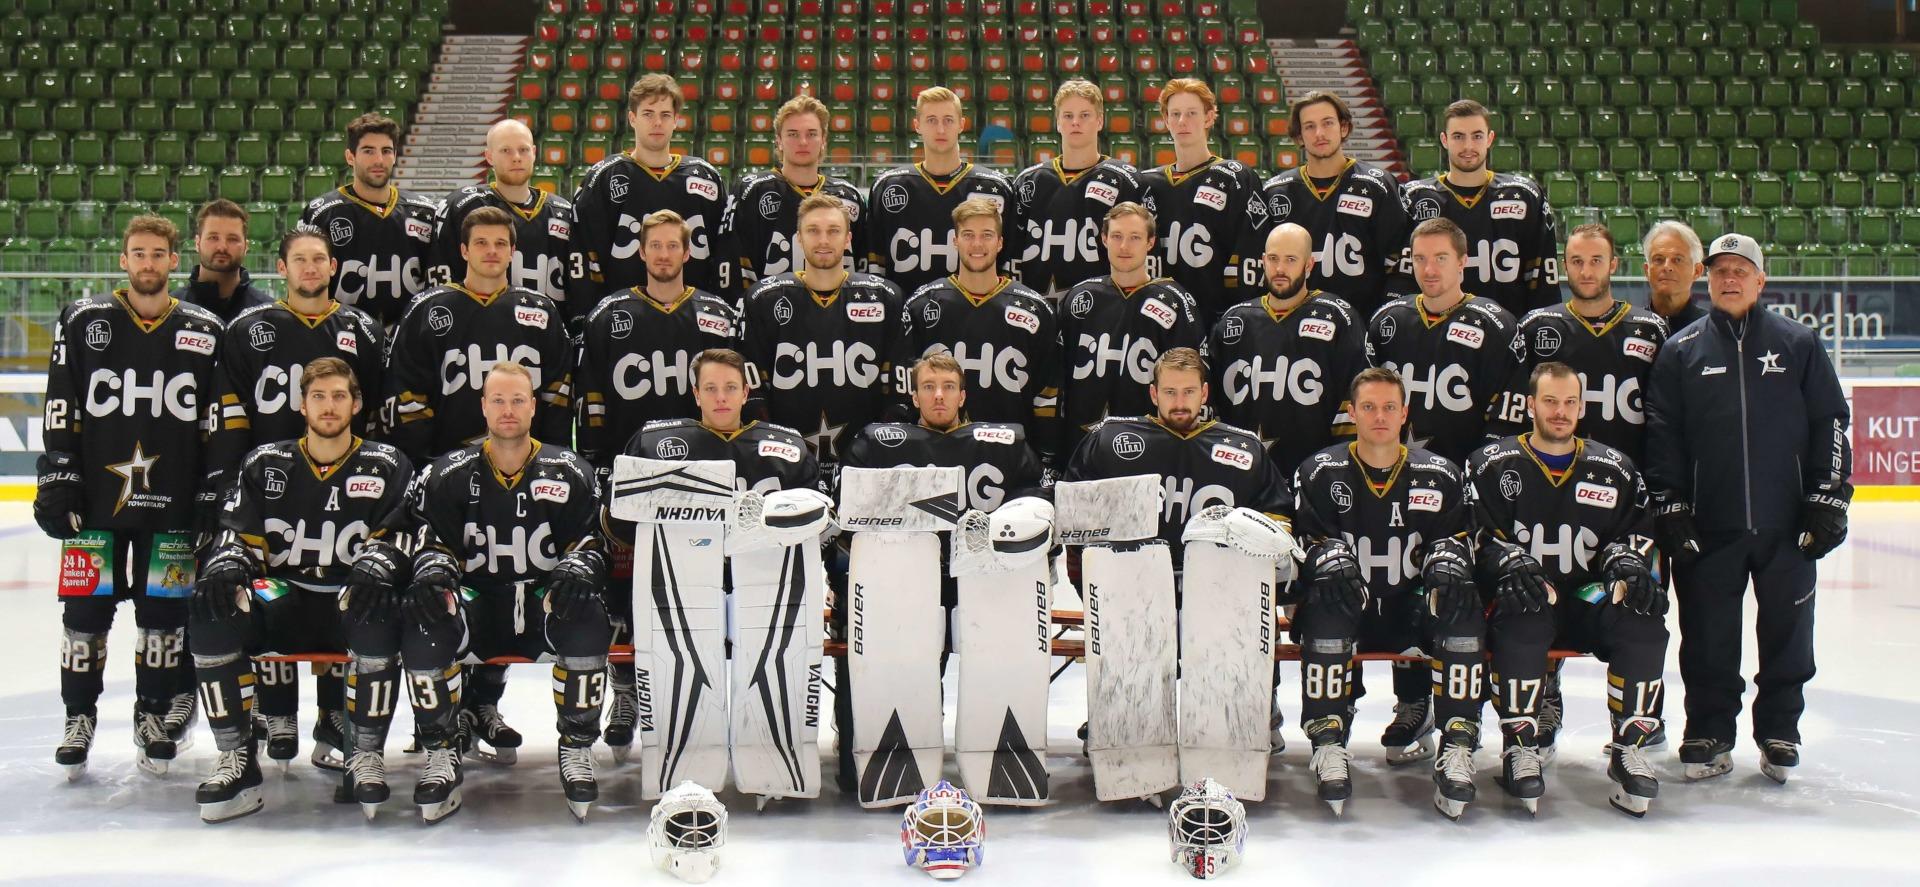 towerstars teamfoto 2020_21 schmal